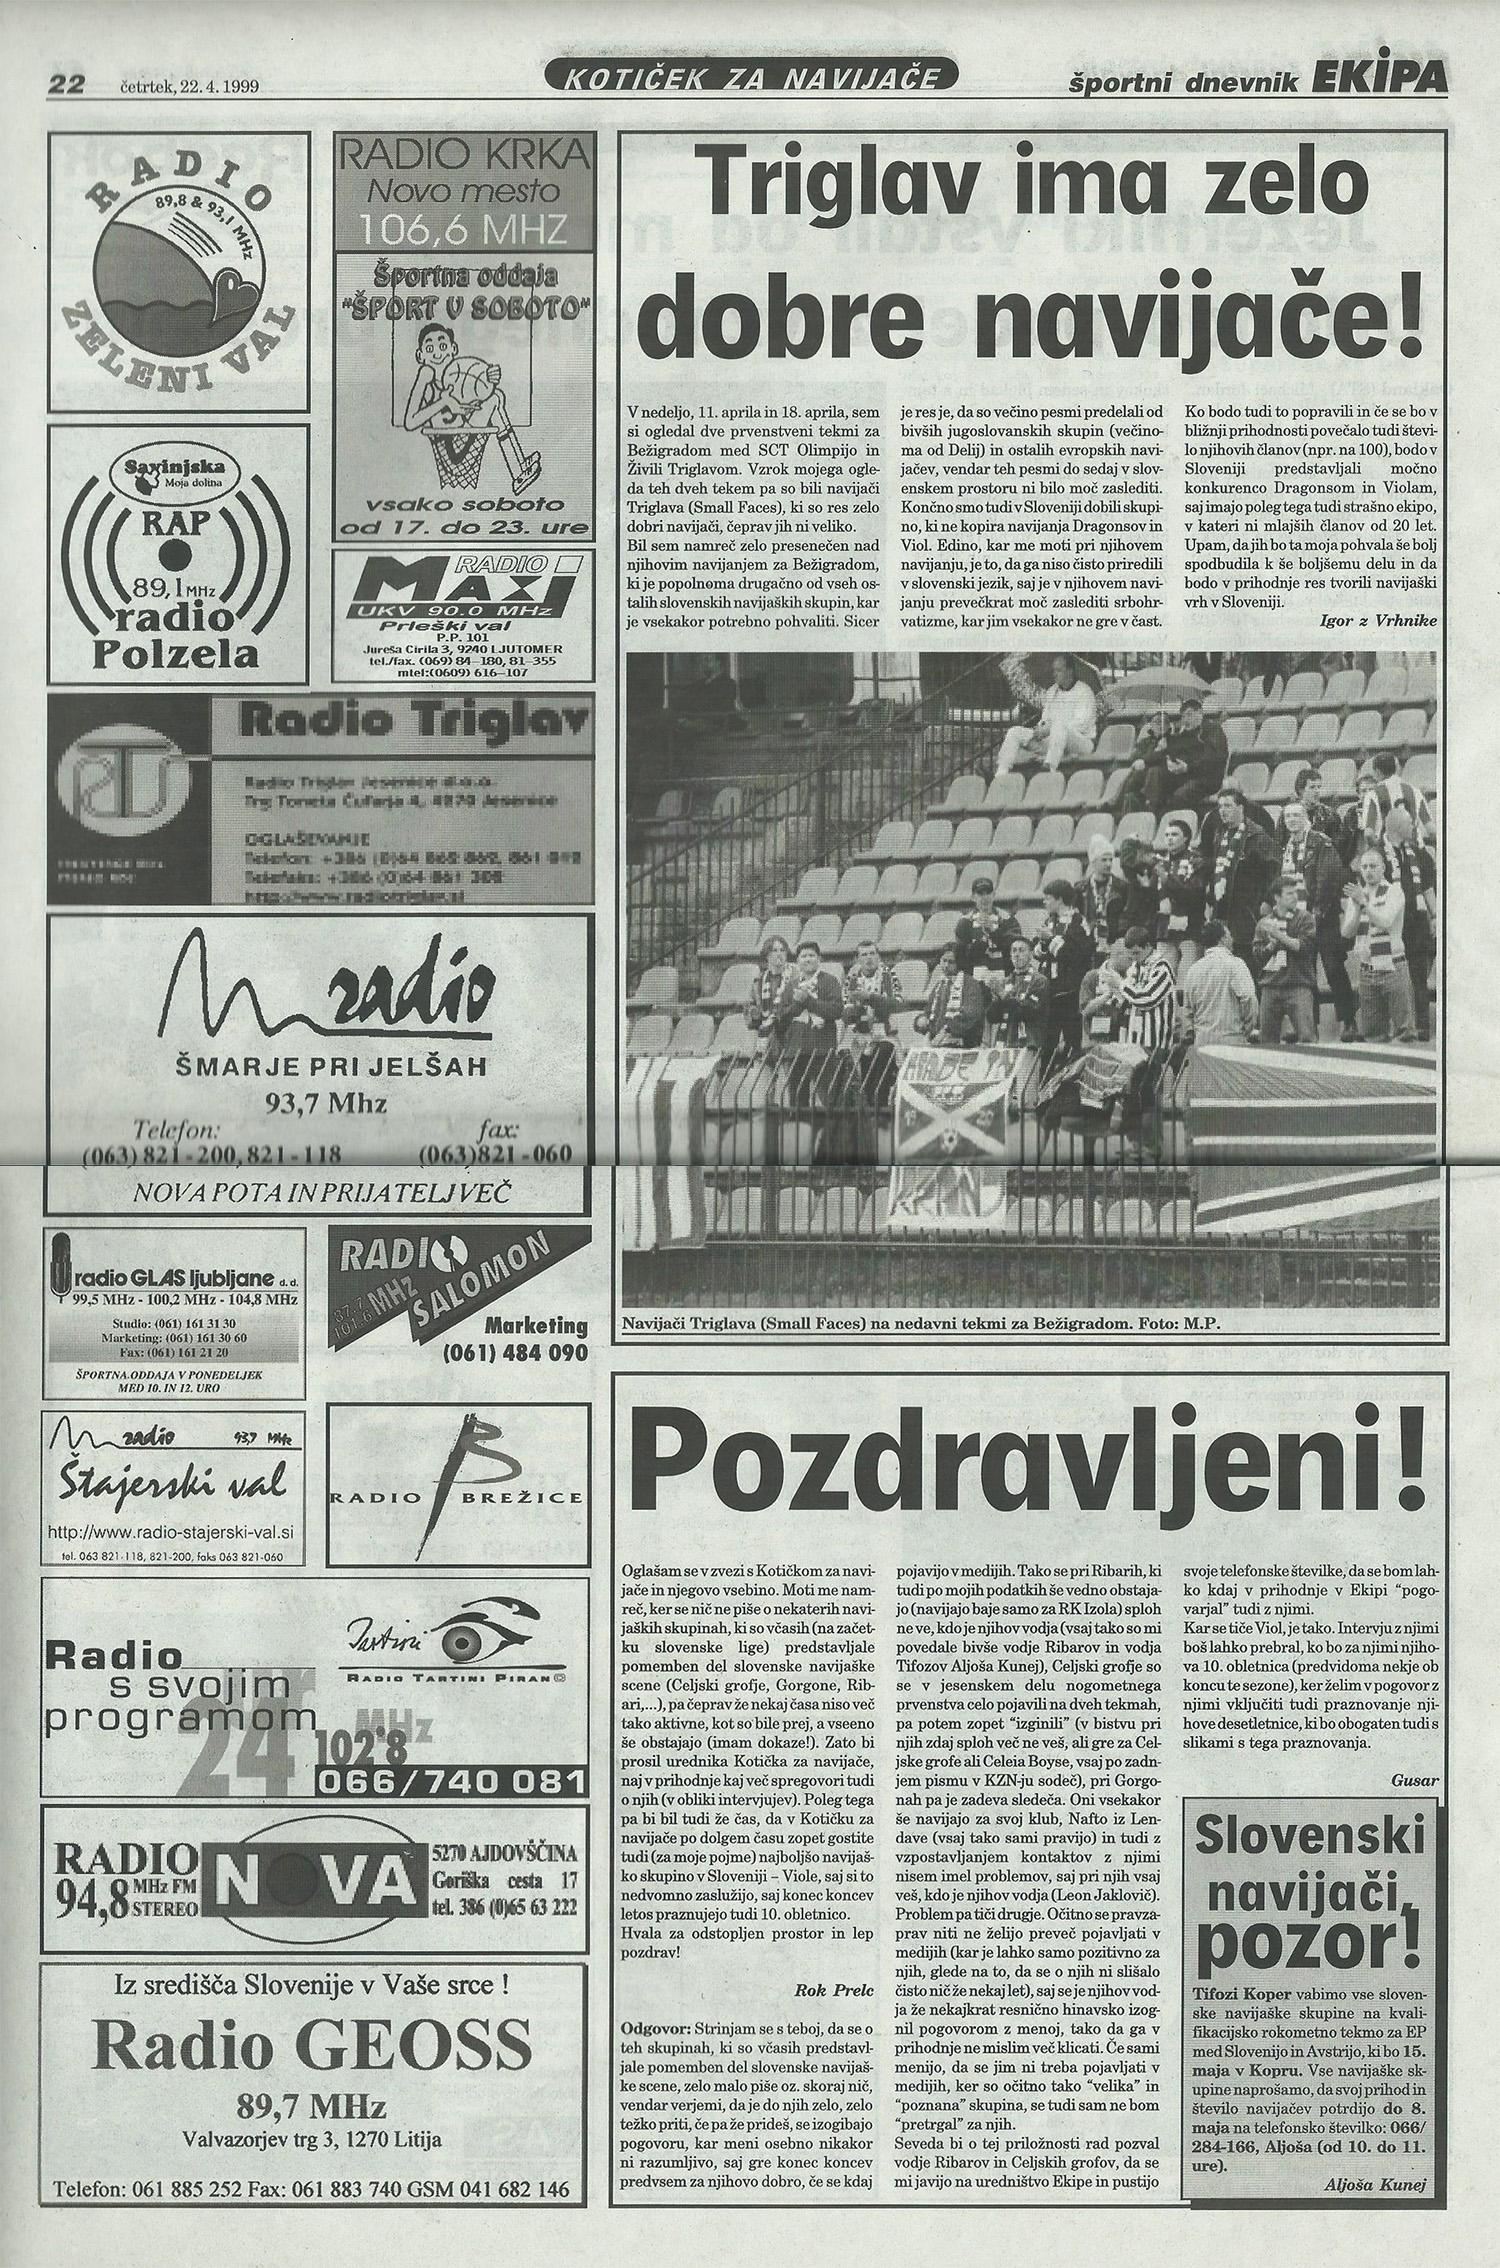 KZN_22-4-1999_1500px